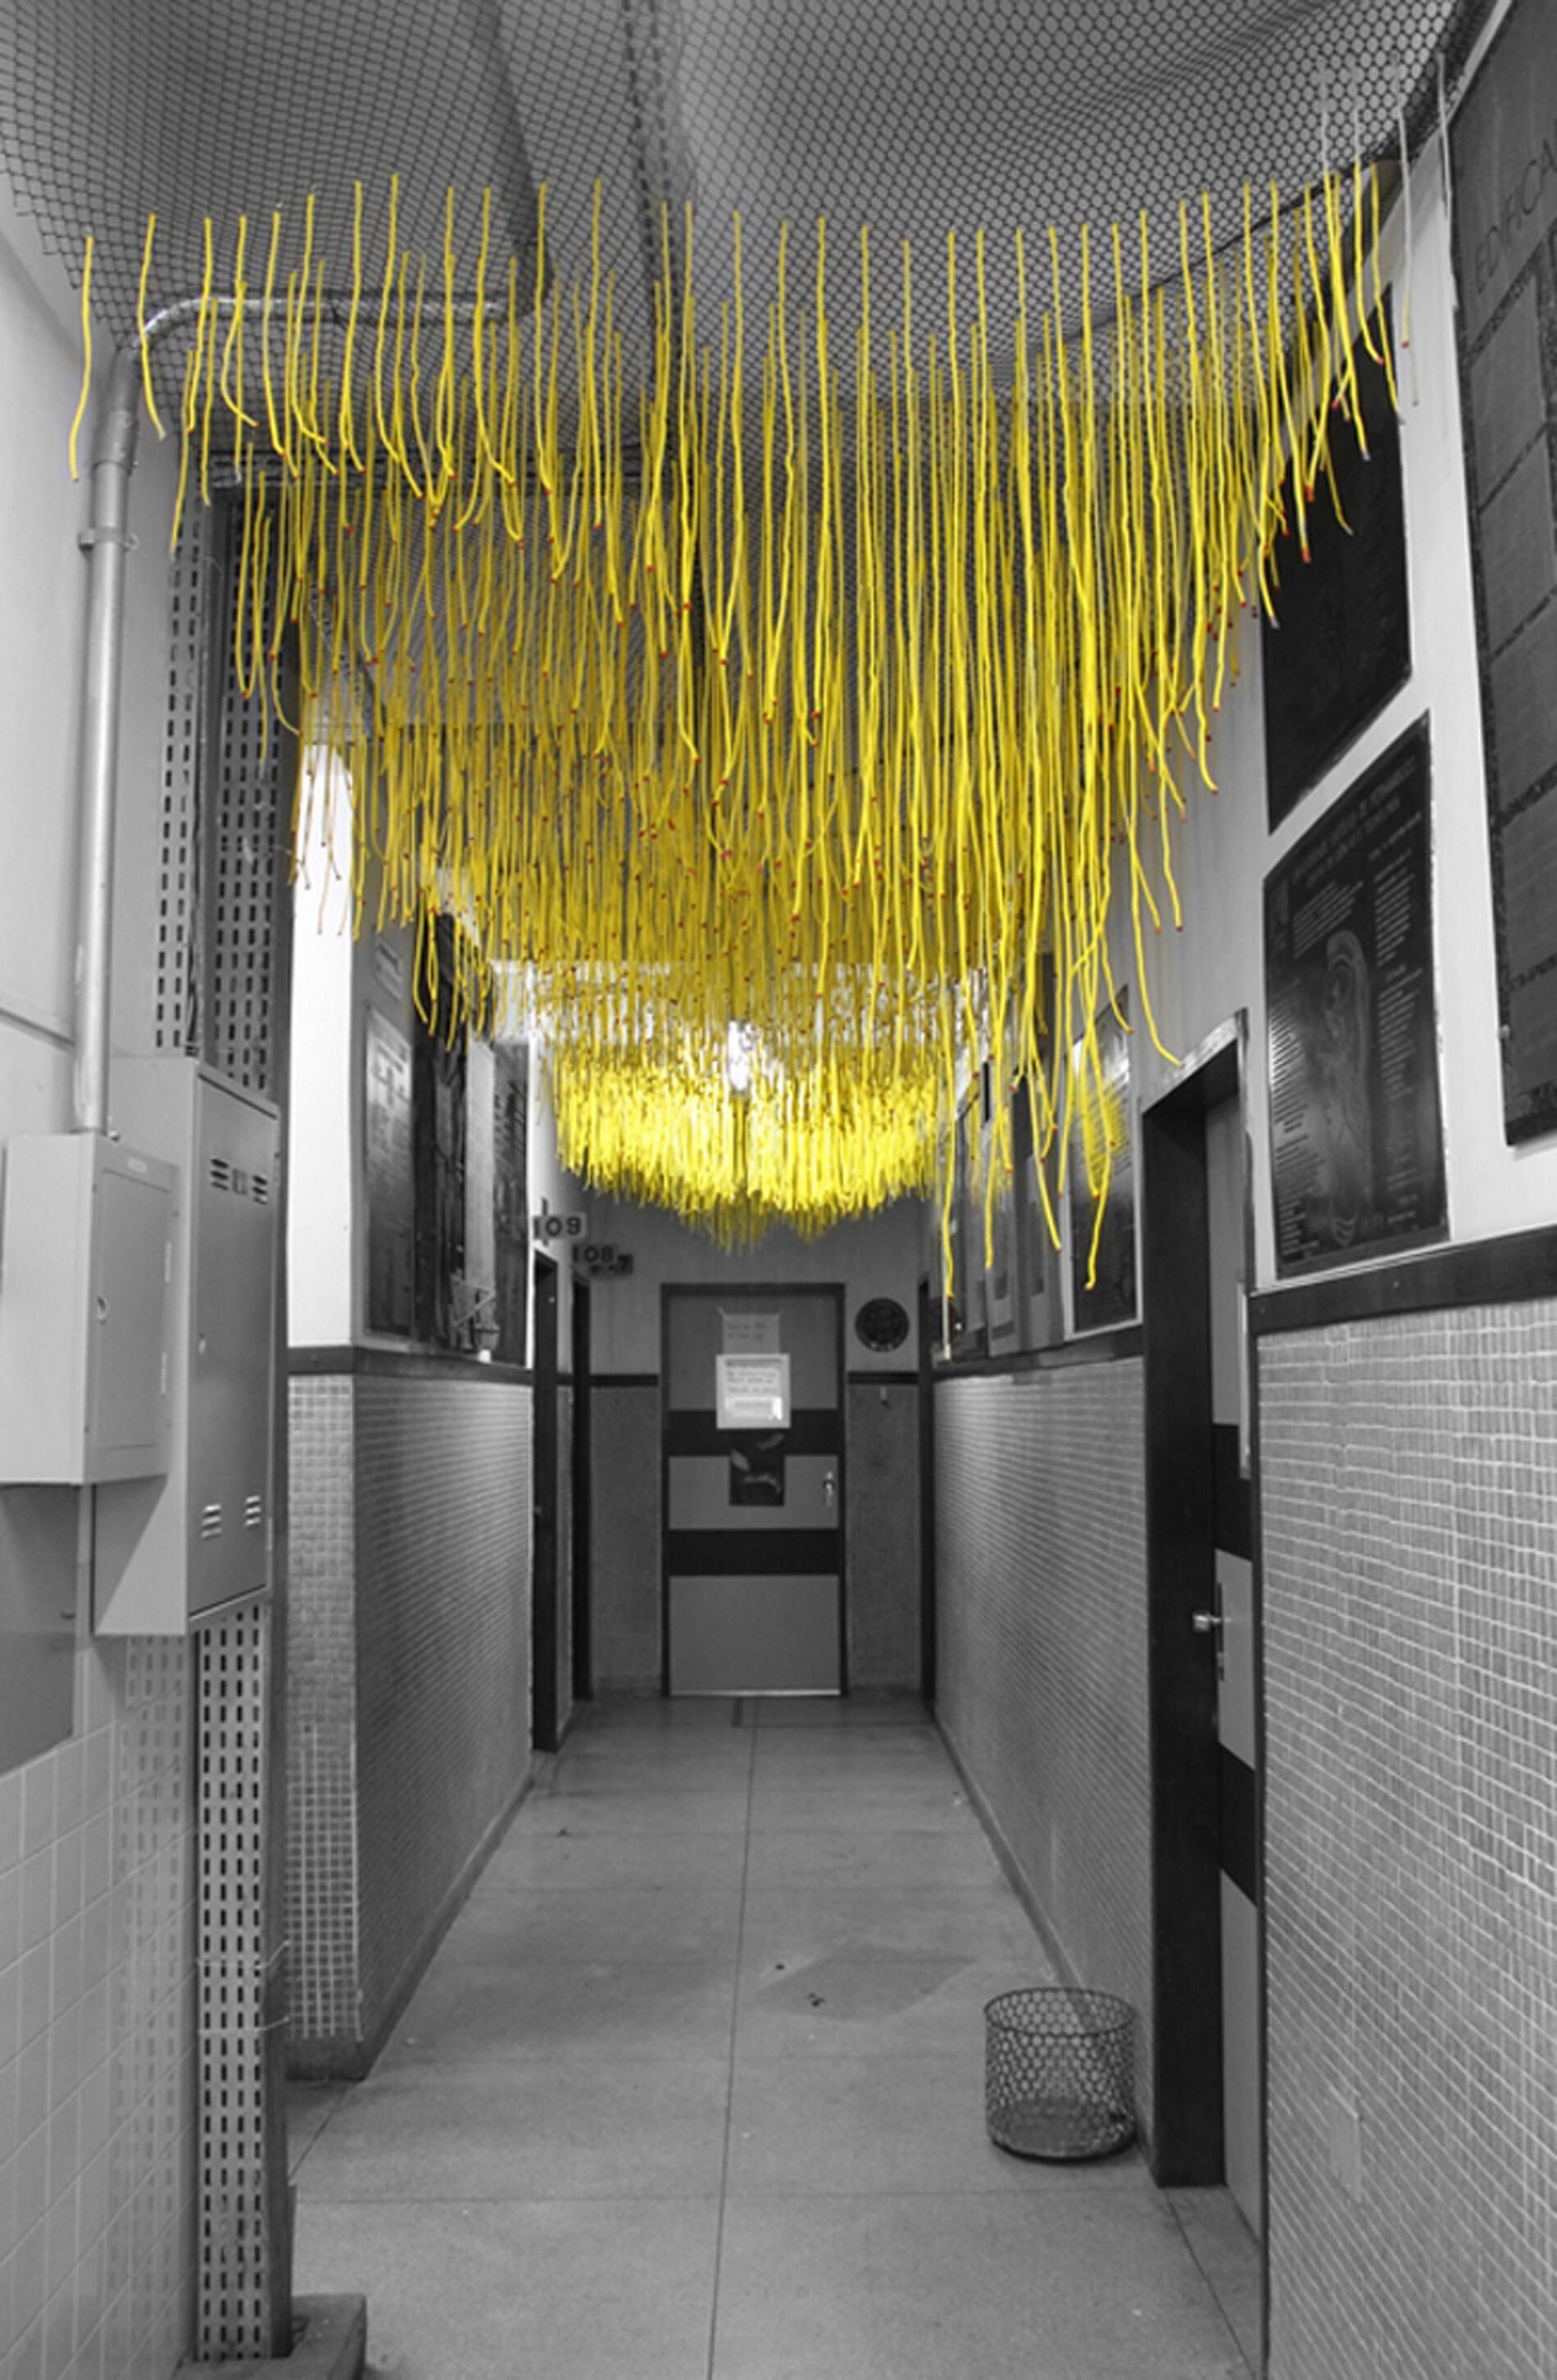 SONAR installation